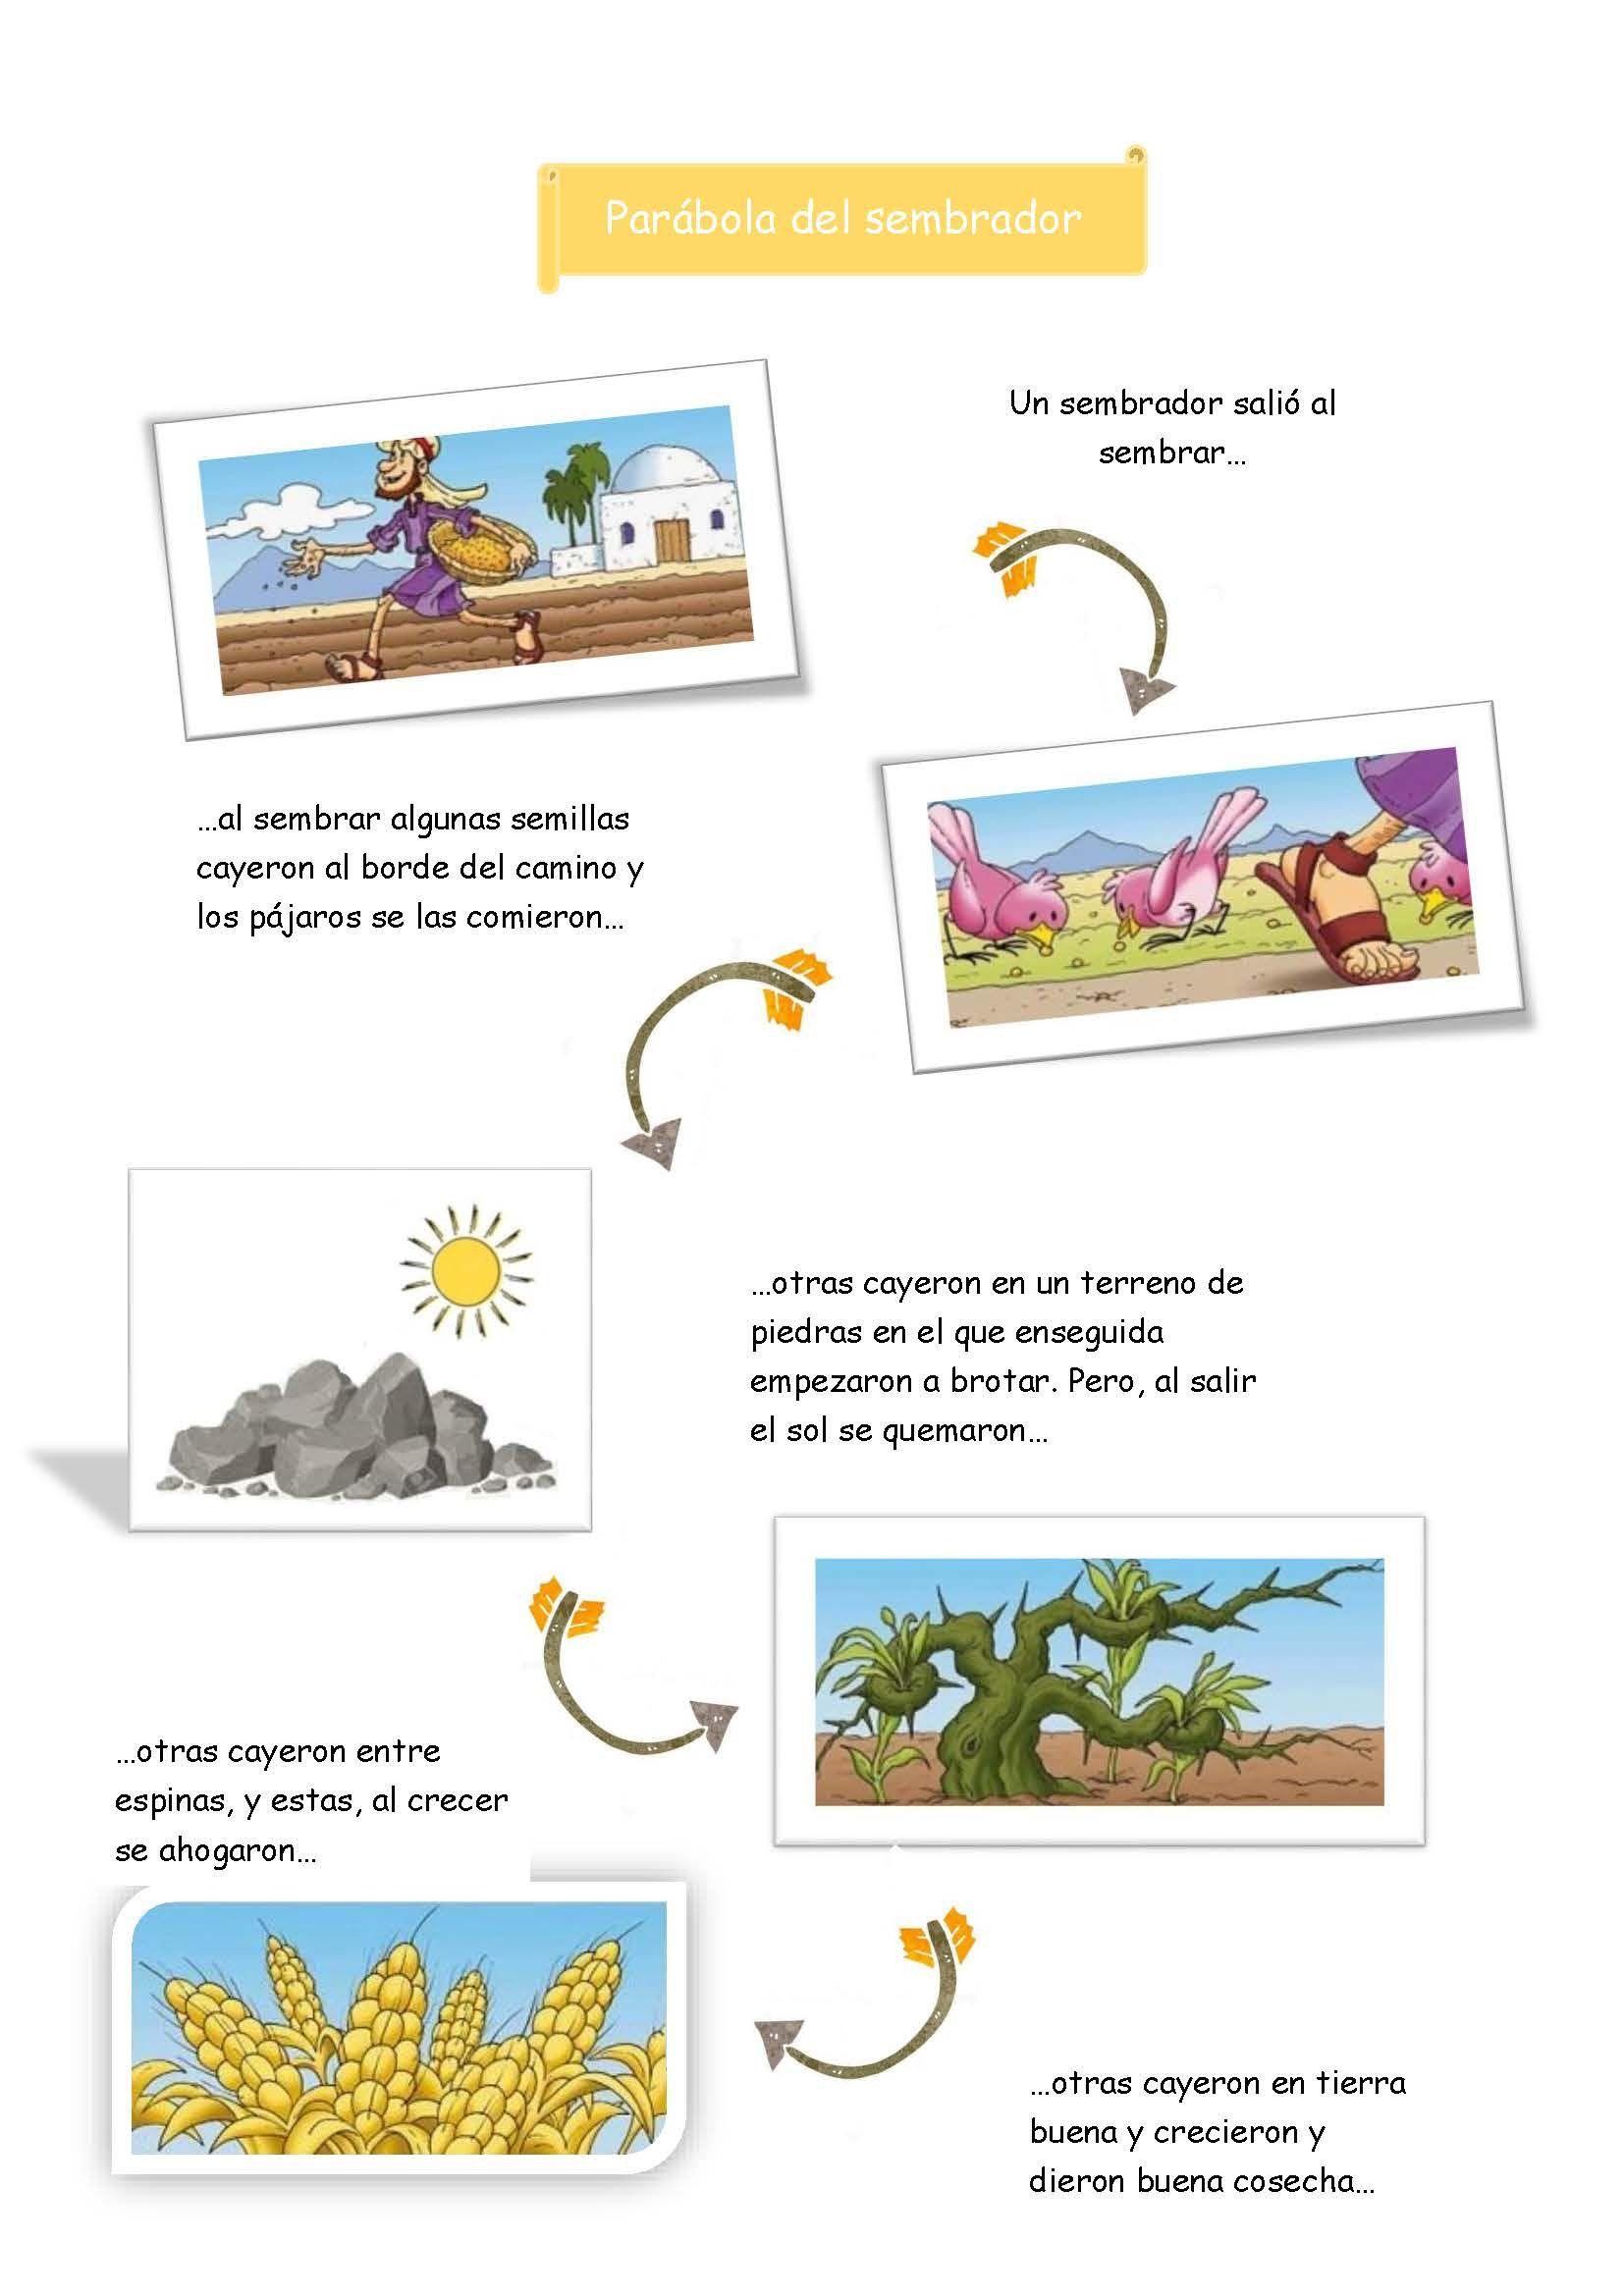 Parábola del sembrador Parabola del sembrador, Parábolas